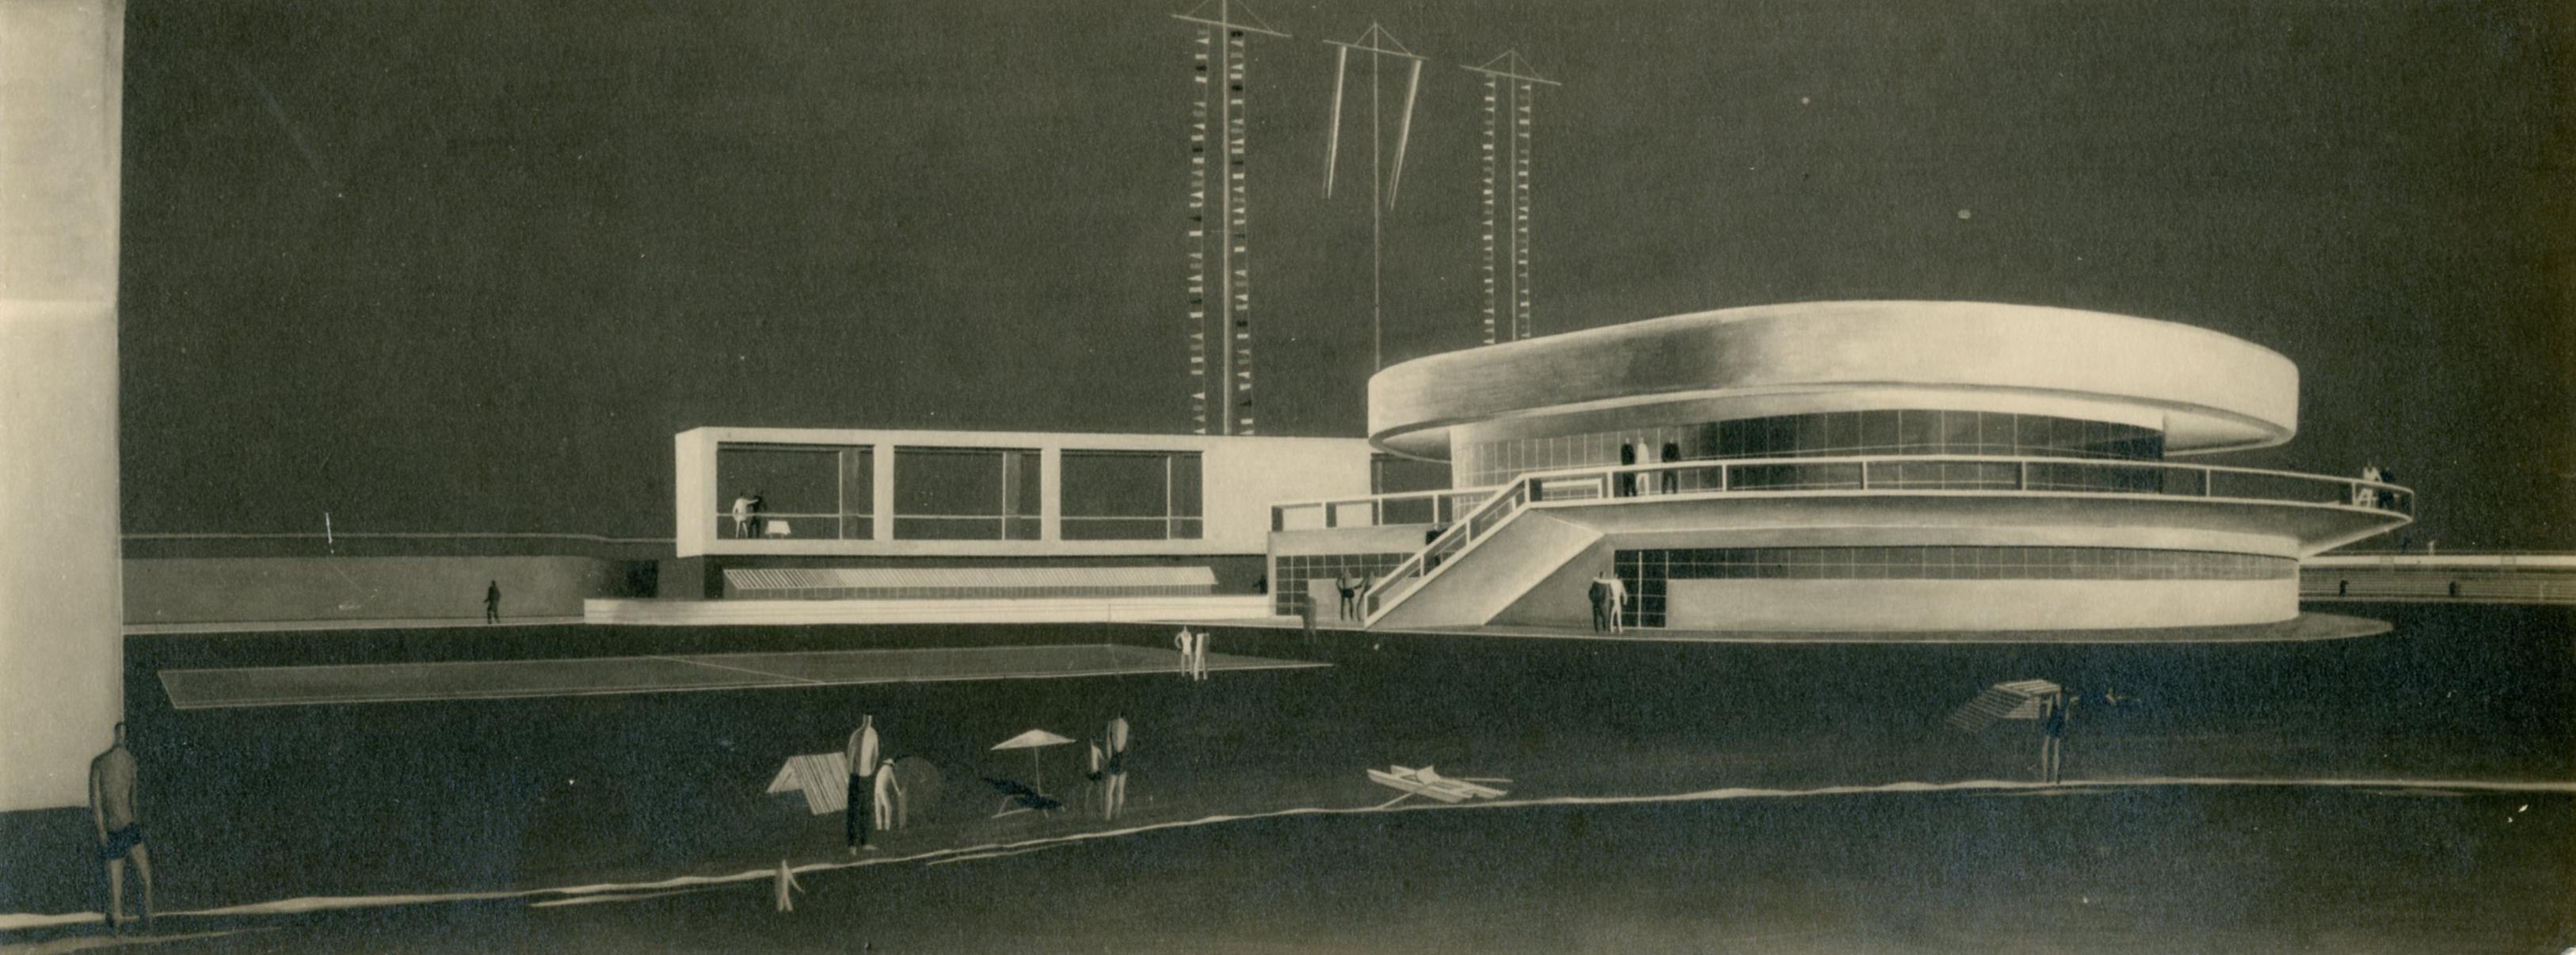 Progetto di stabilimento balneare al Lido di Ostia, Roma